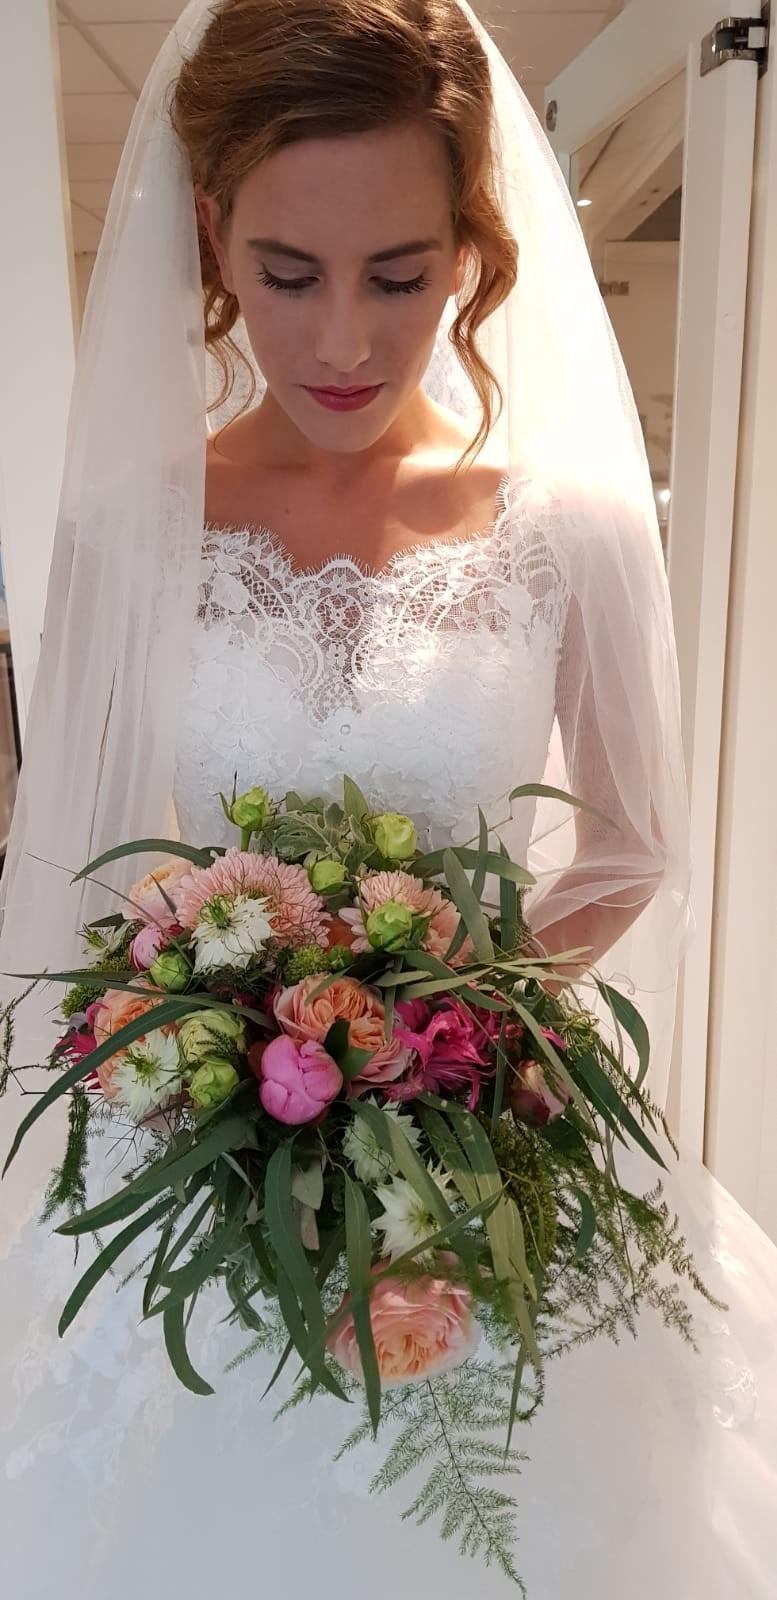 bruidsboeket 2